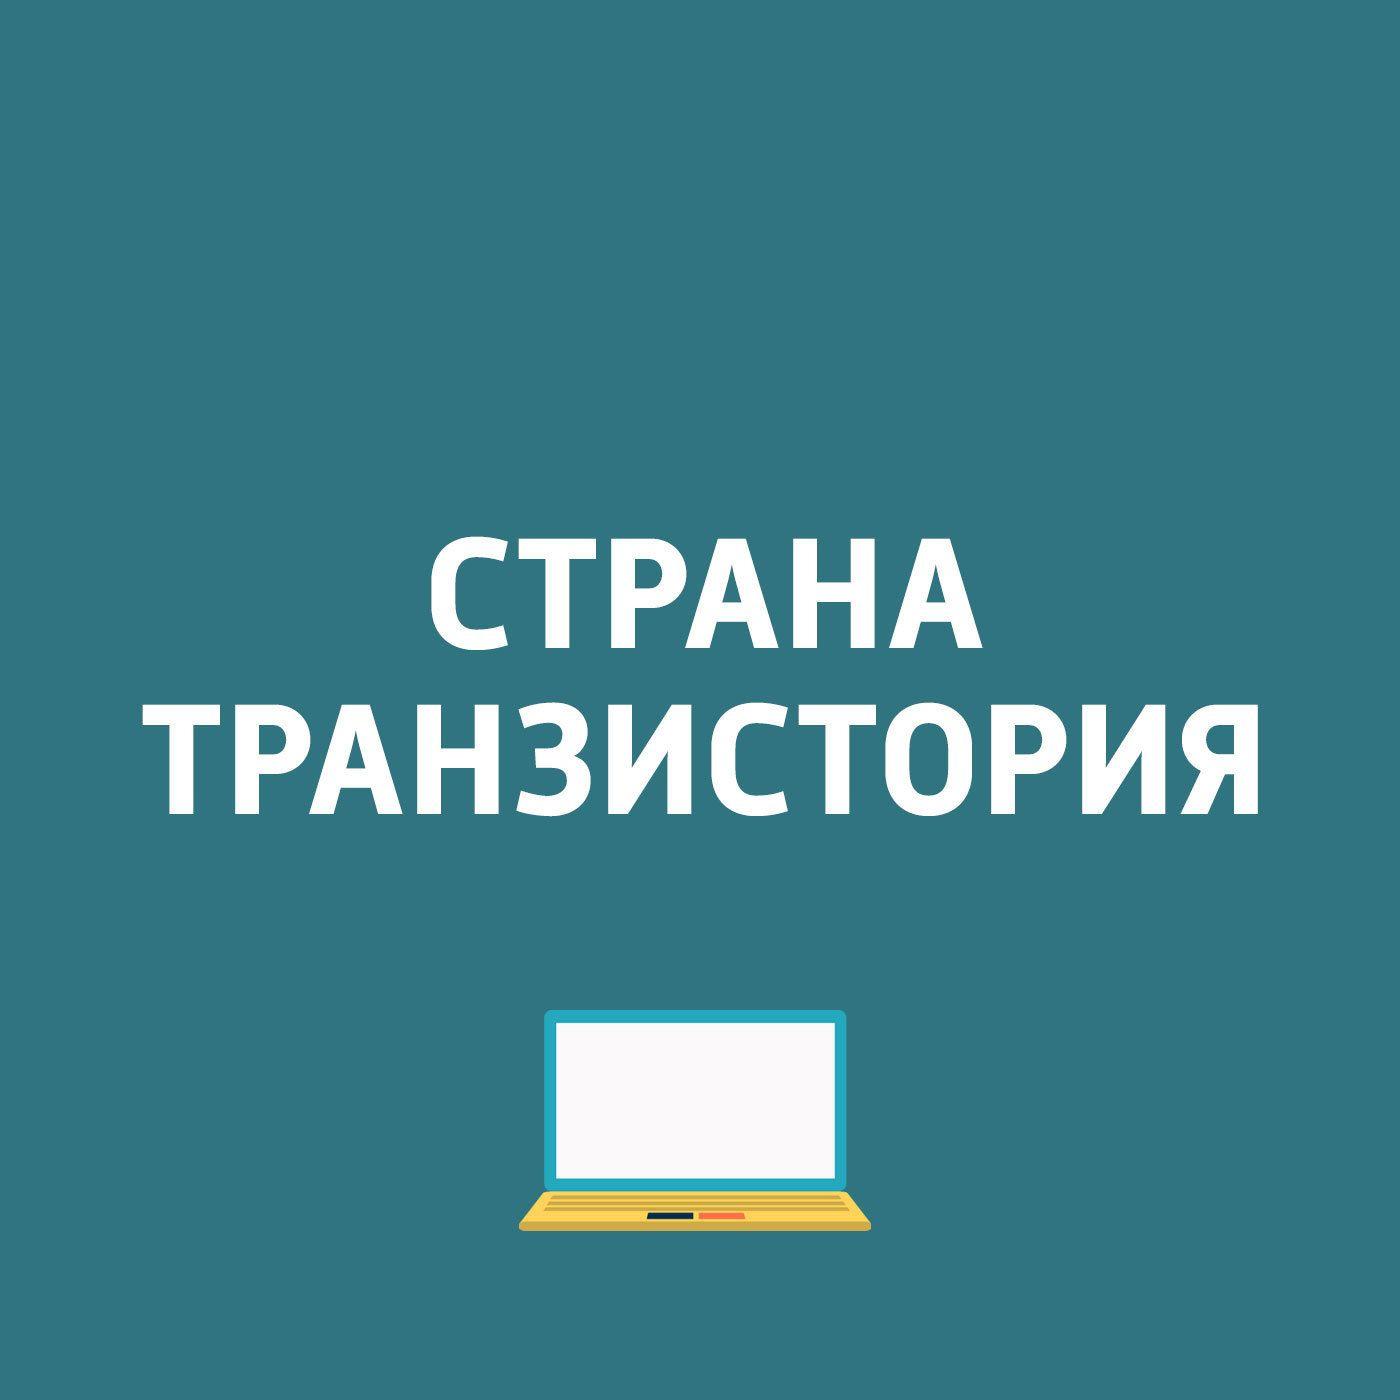 Фото - Картаев Павел Саундбар или Домашний кинотеатр? кинотеатр